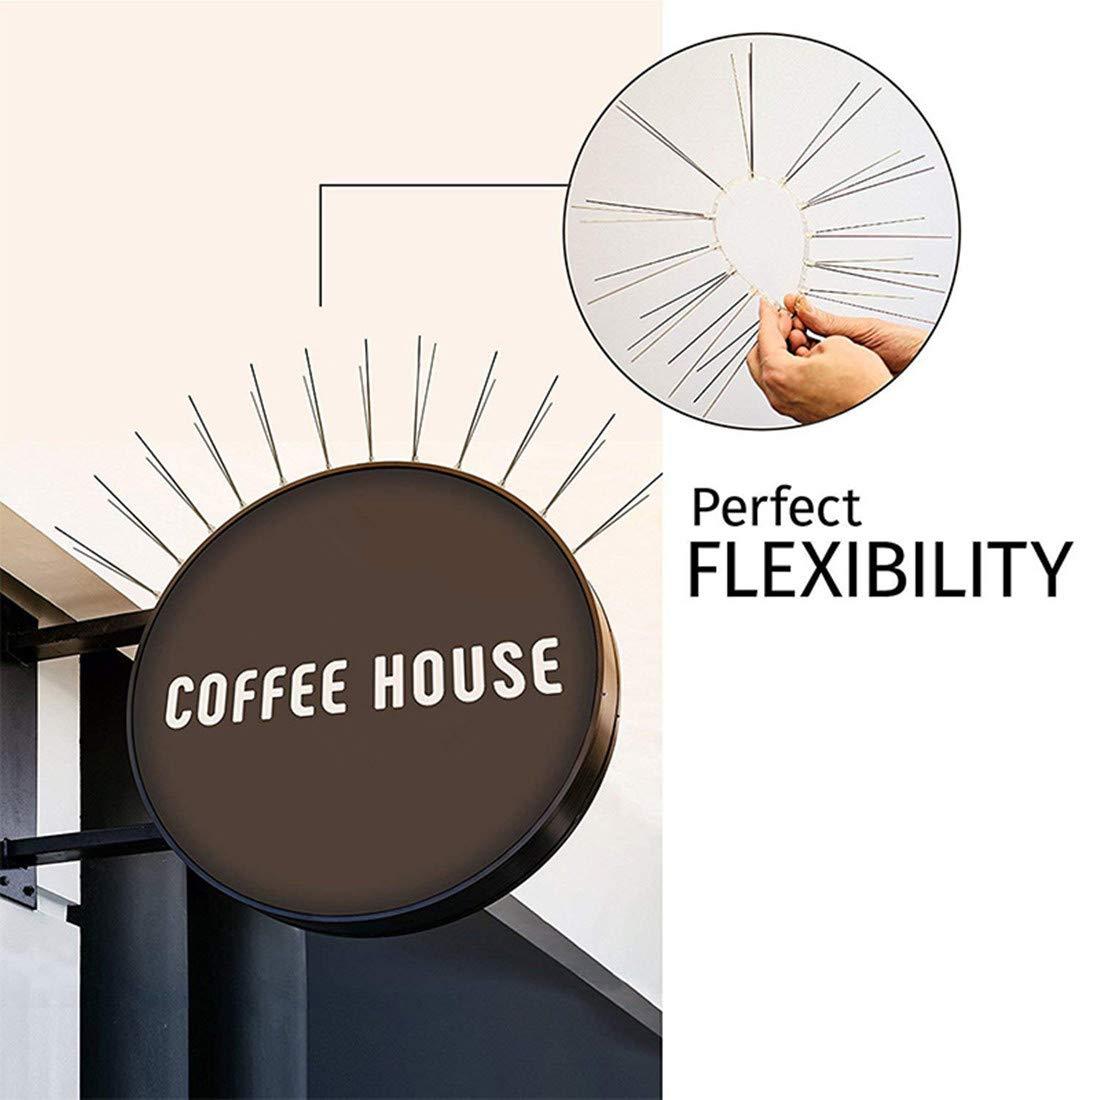 Amazon.com: Pinchos flexibles de acero inoxidable para ...